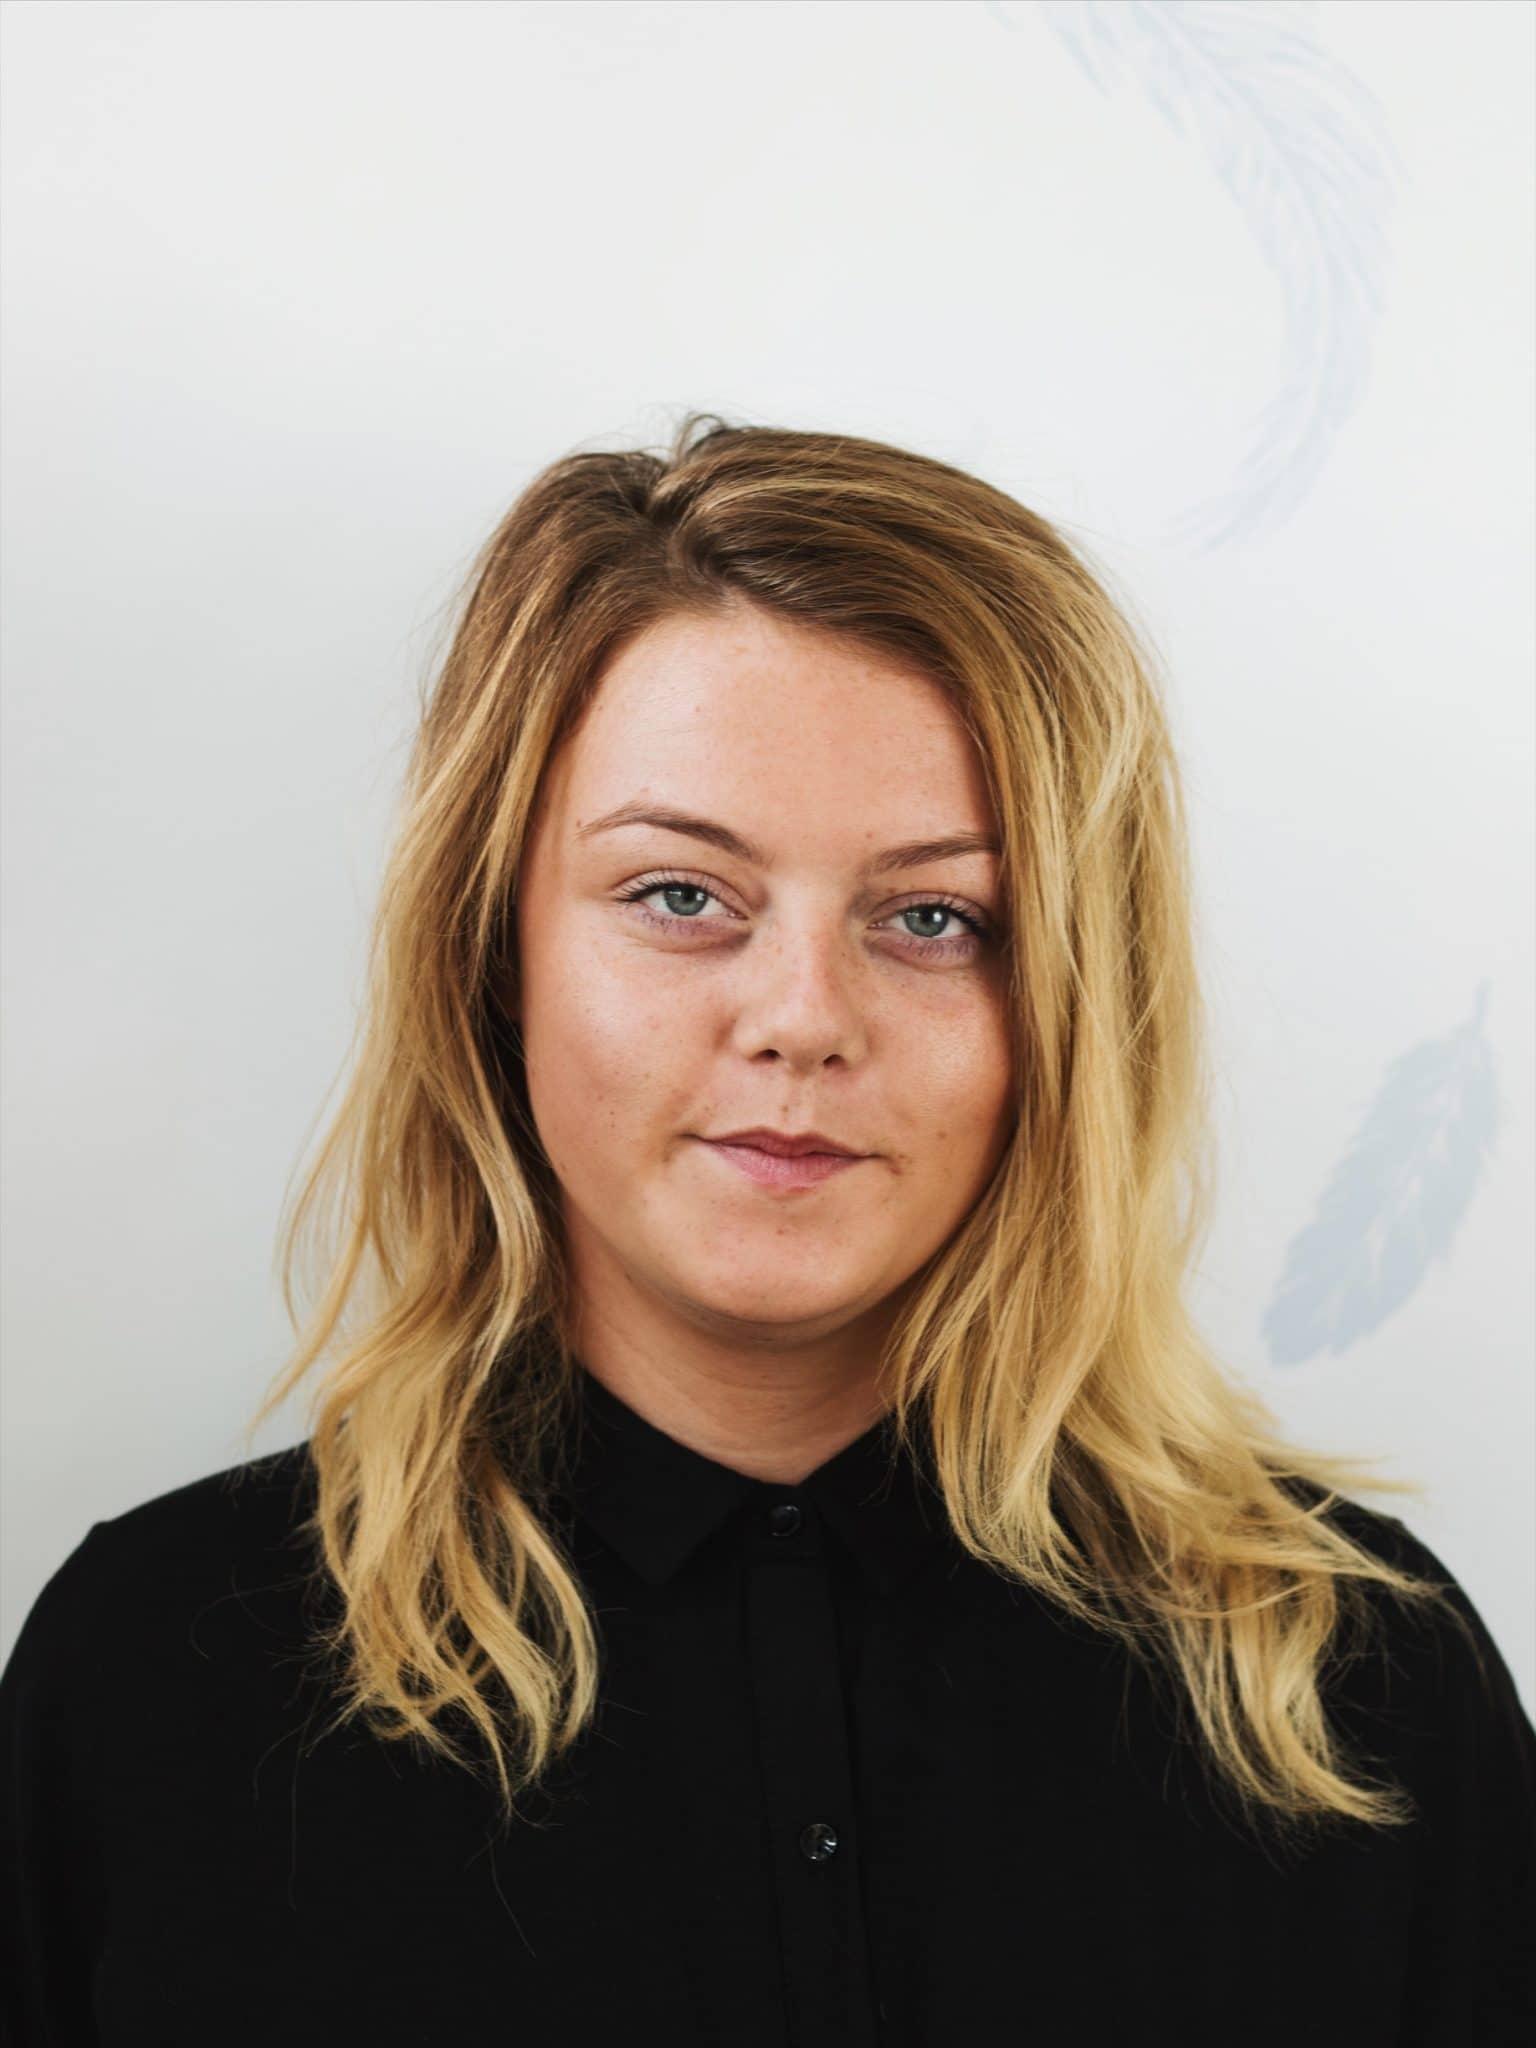 Danielle | £48 per hour | Tribe Chislehurst